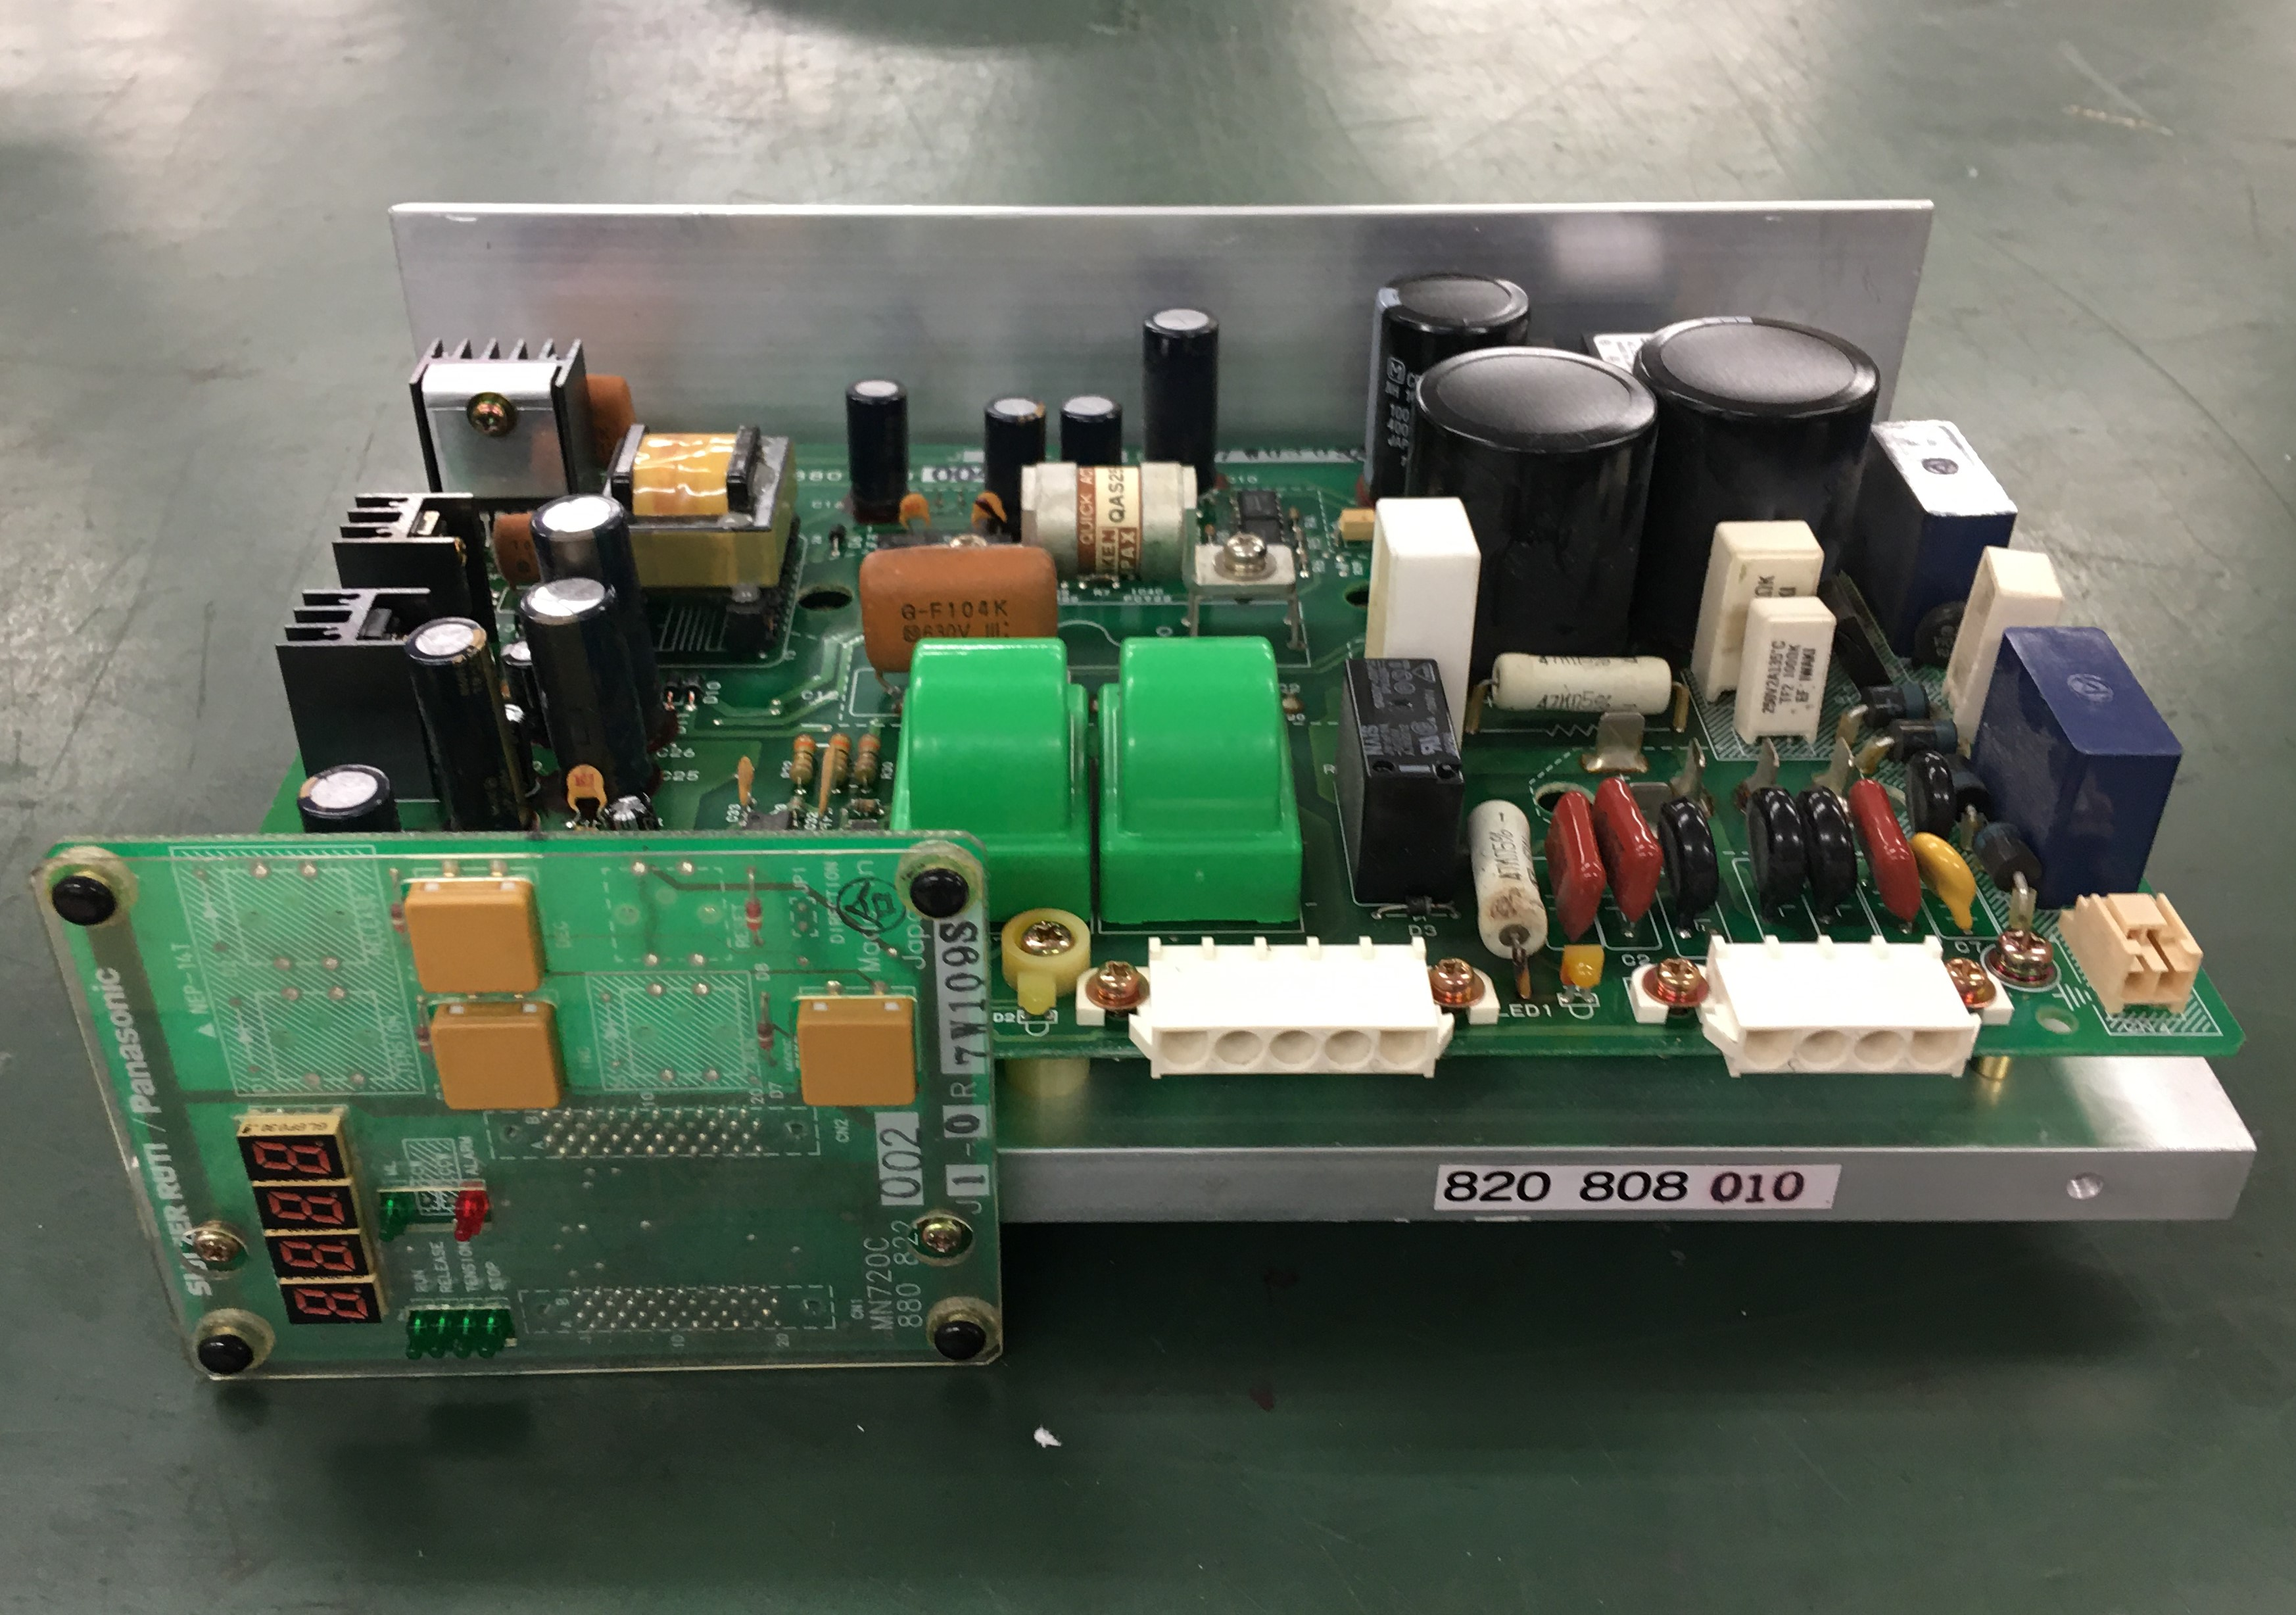 SULZER RUTI 織機用経糸送り出し基板(Panasonic コントロールユニット 700SR31)の修理